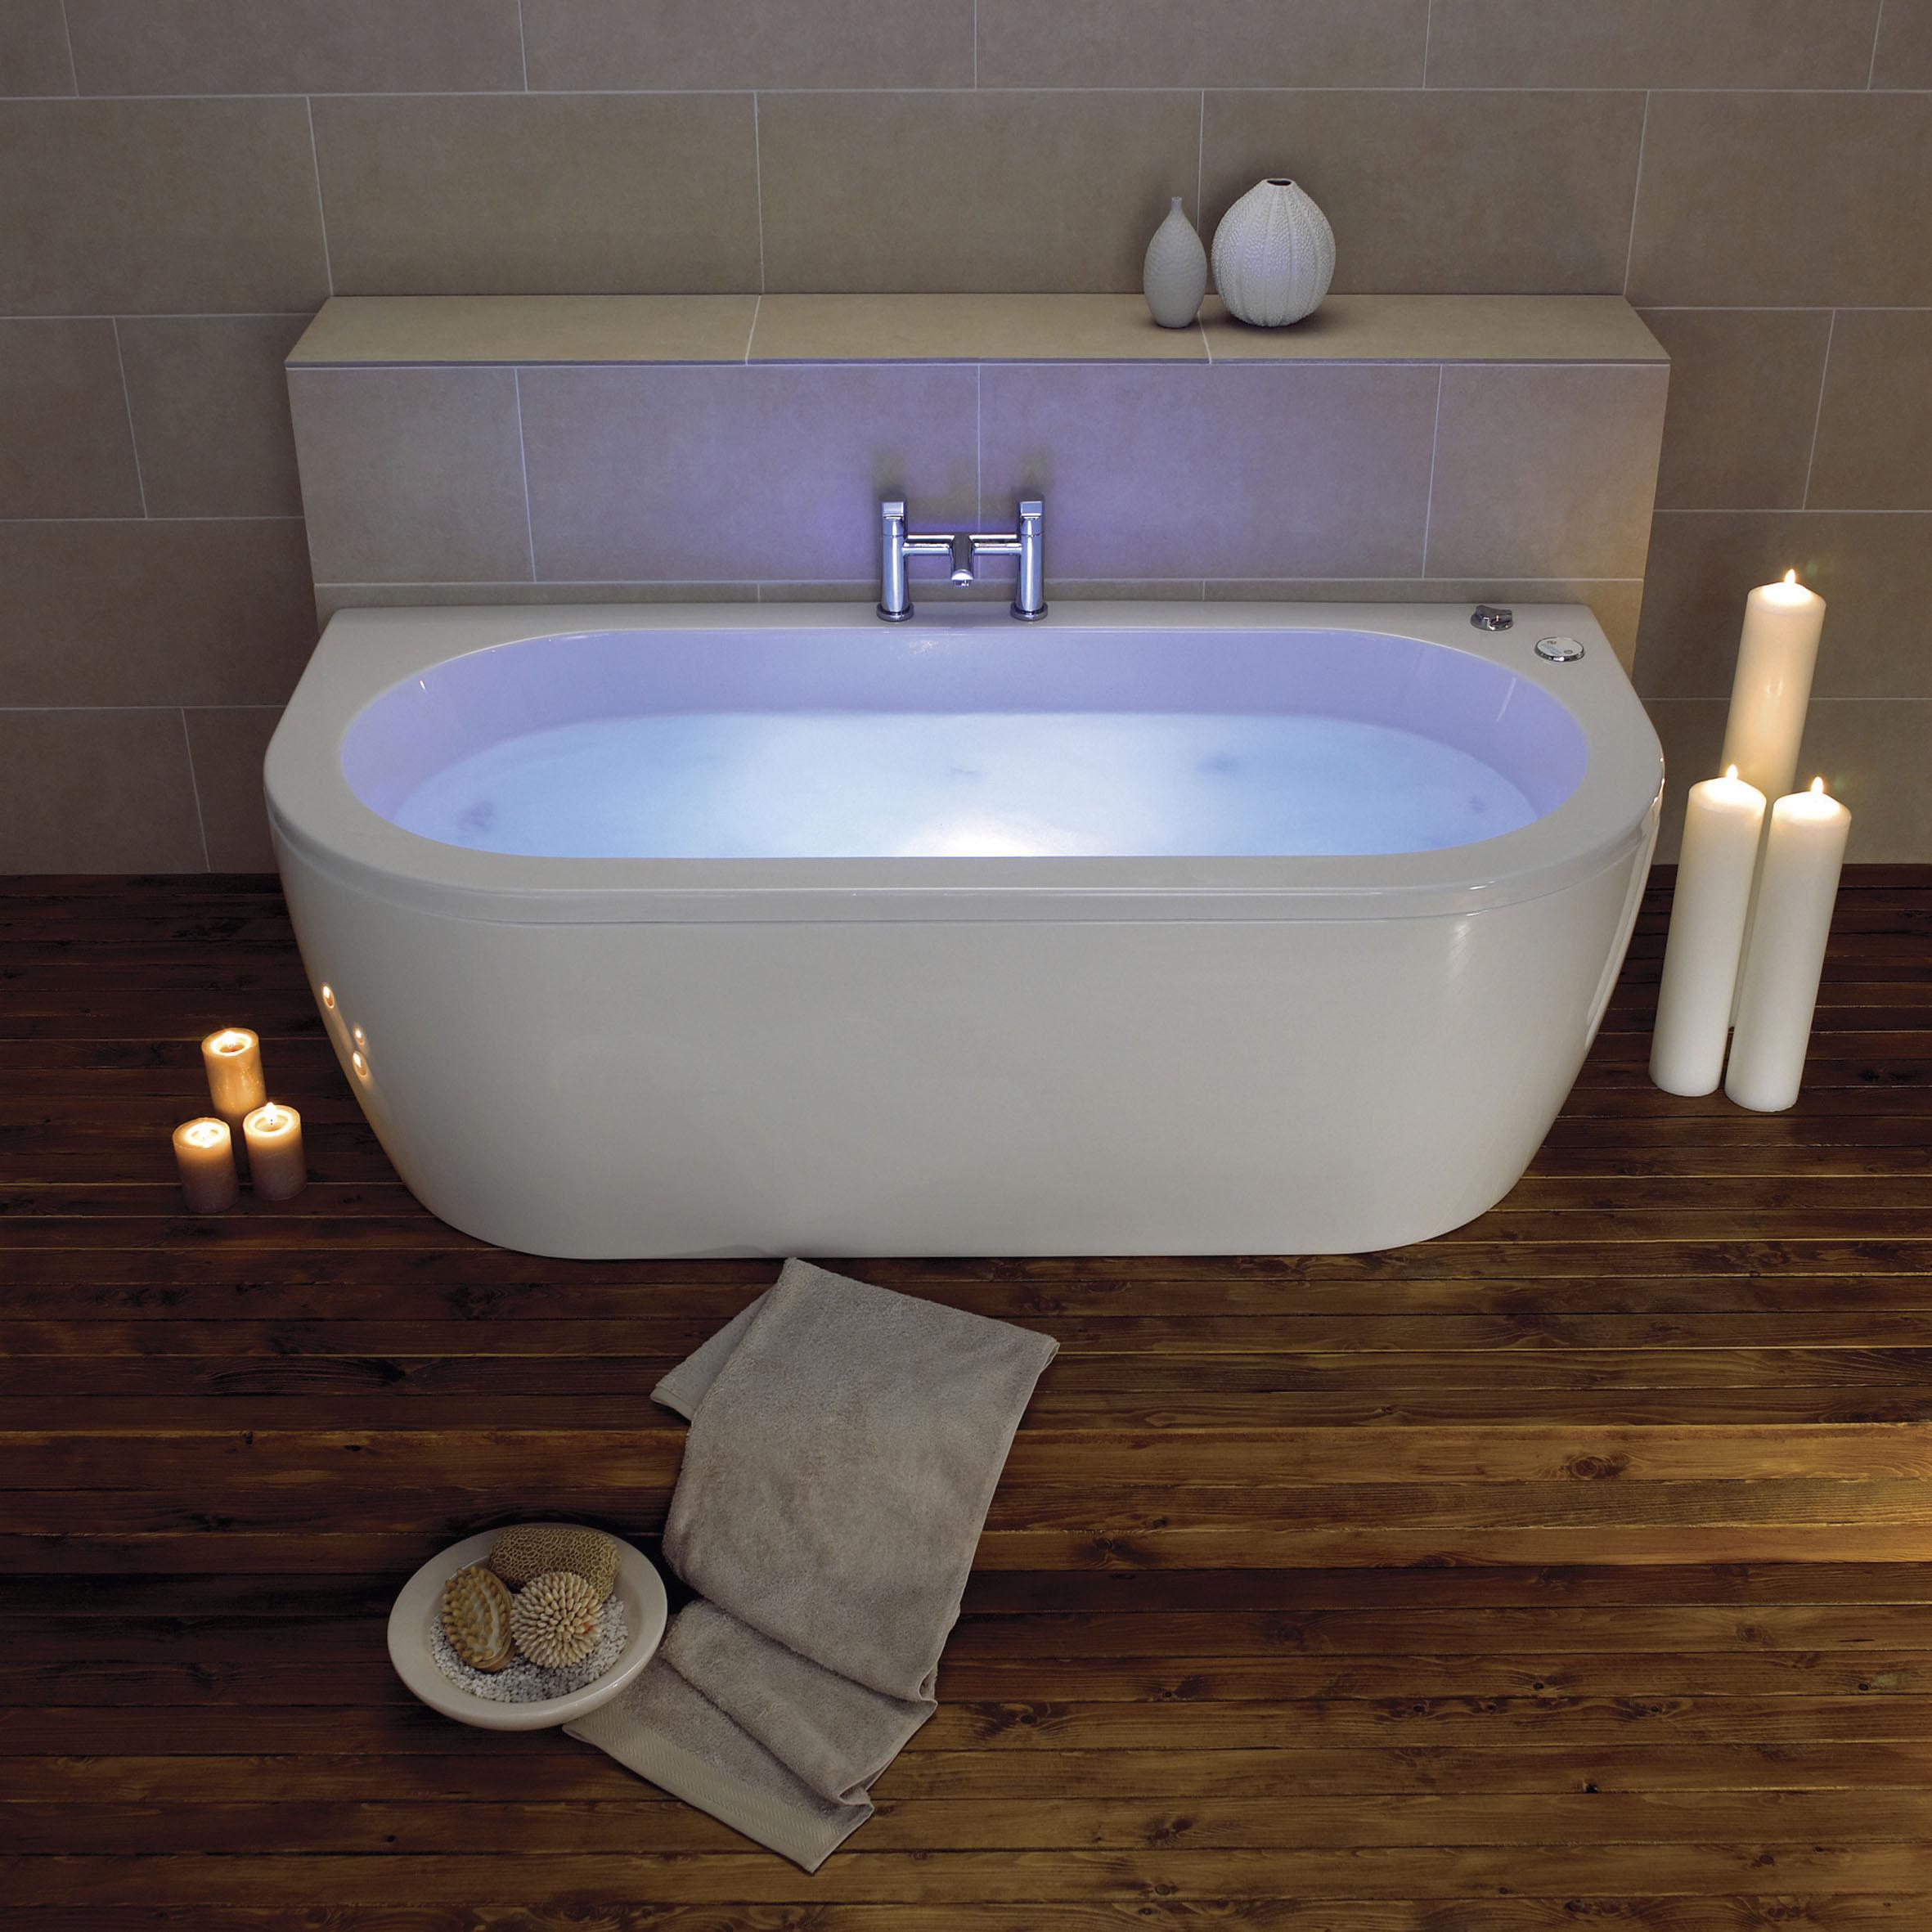 Bathroom suites glasgow - Decadence 1800 X 800 Luxury Bath With Chromatherapy System